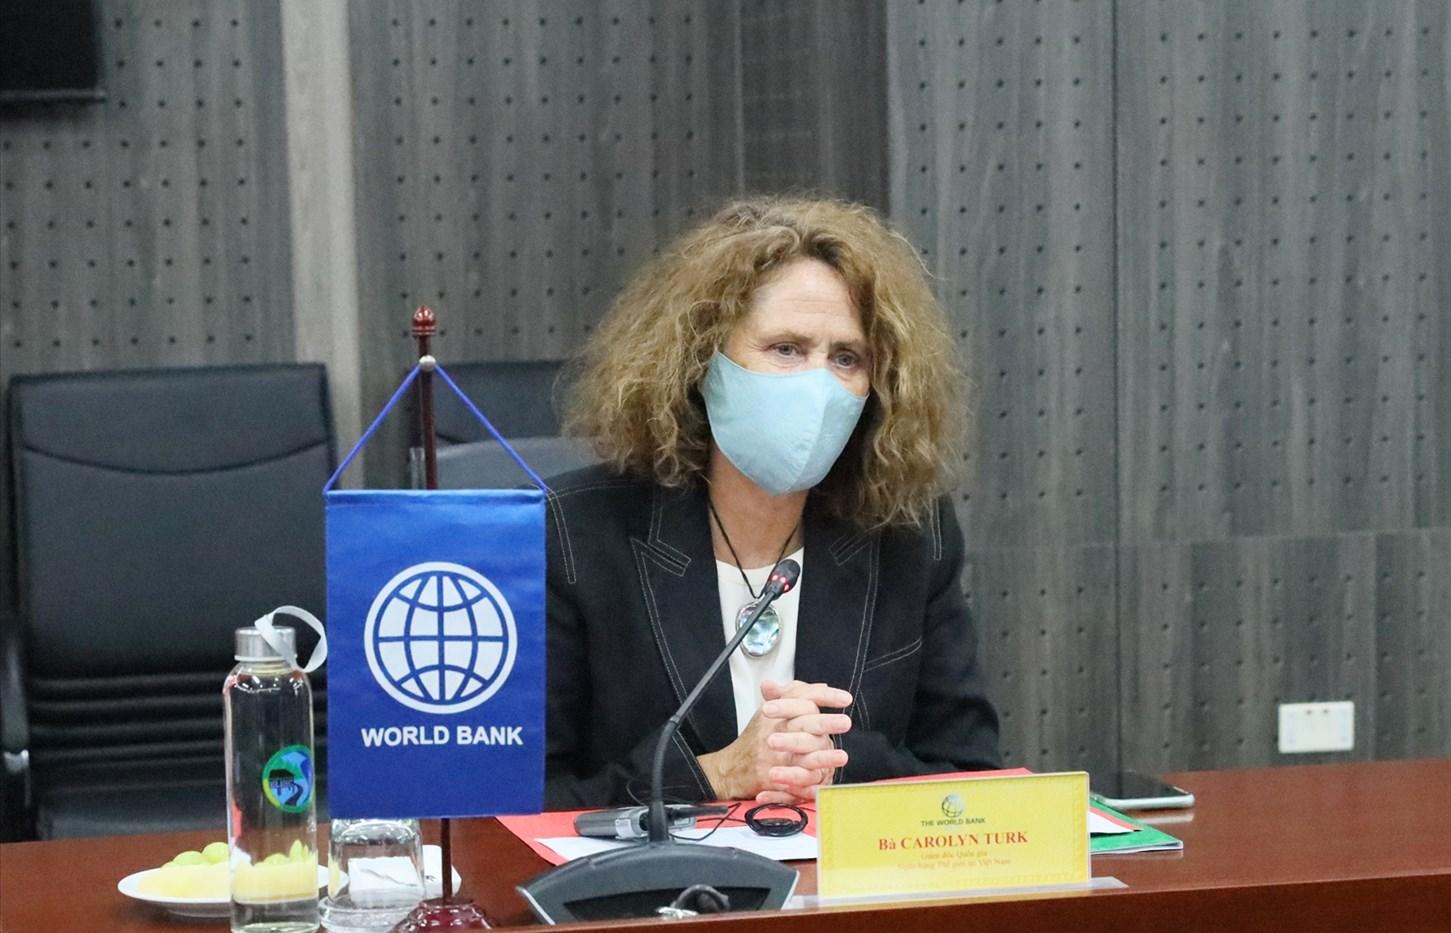 Bà Carolyn Turk, Giám đốc Quốc gia WB tại Việt Nam phát biểu tại buổi làm việc